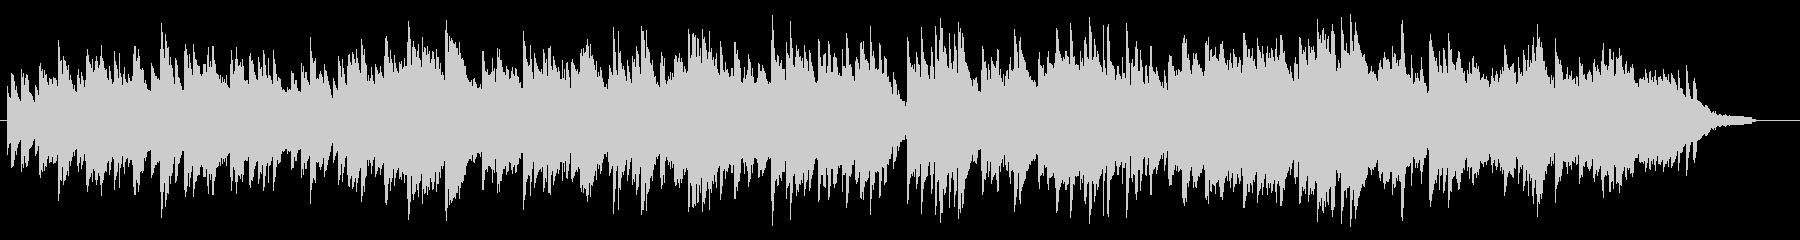 爽やかで切ない、やさしいピアノBGMの未再生の波形